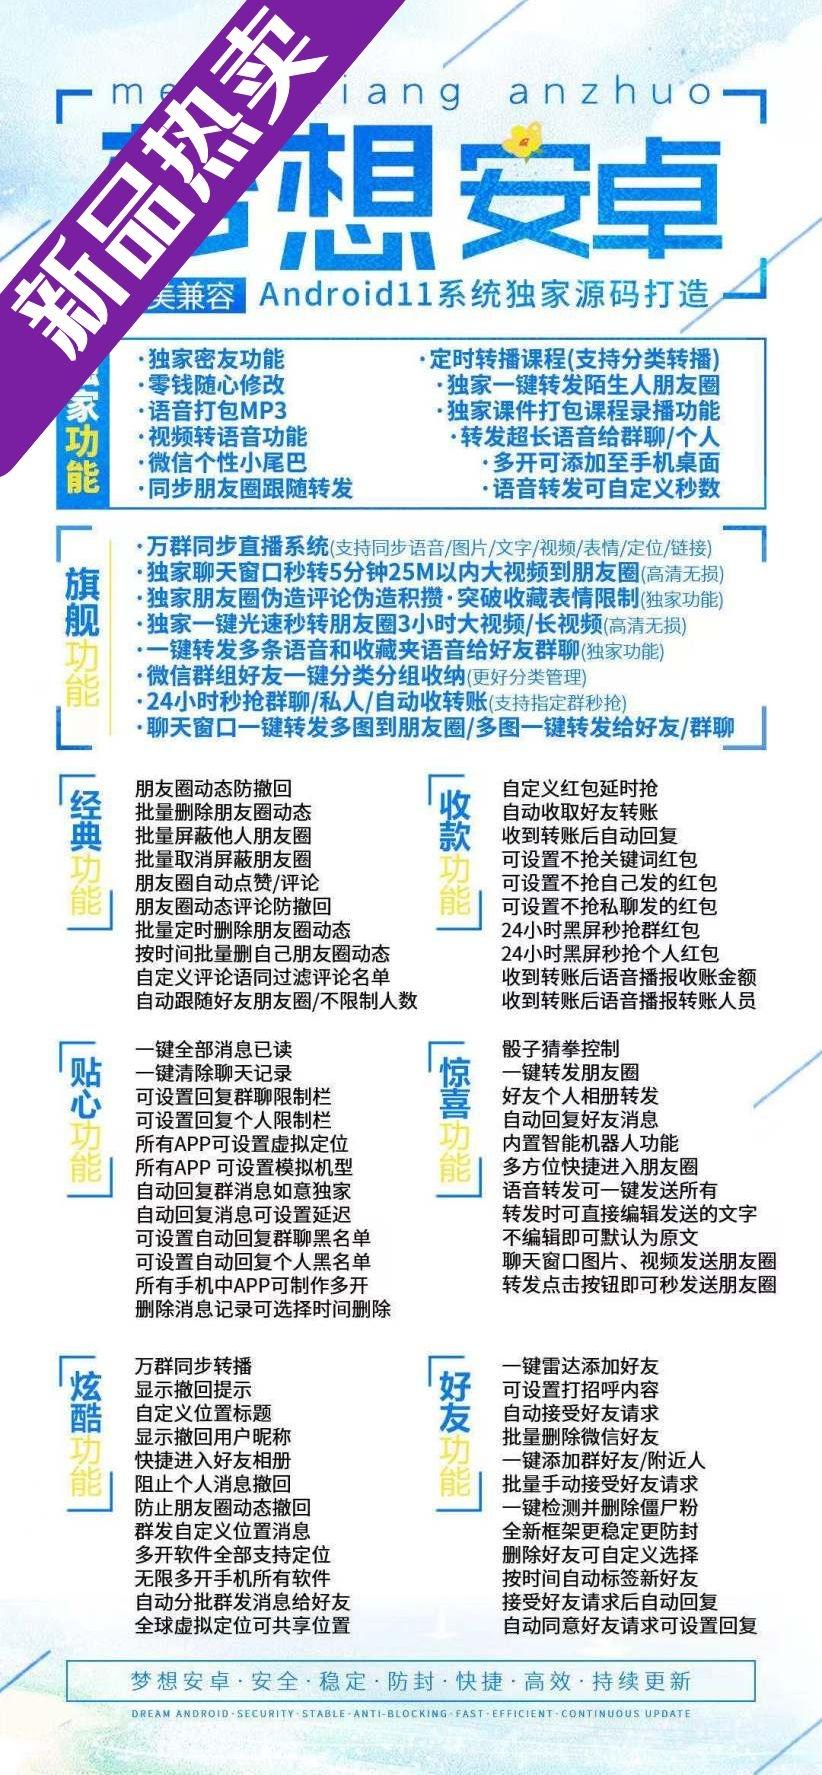 【梦想安卓官网】正版授权-教程地址-悬浮功能LOGO-兼容安卓鸿蒙